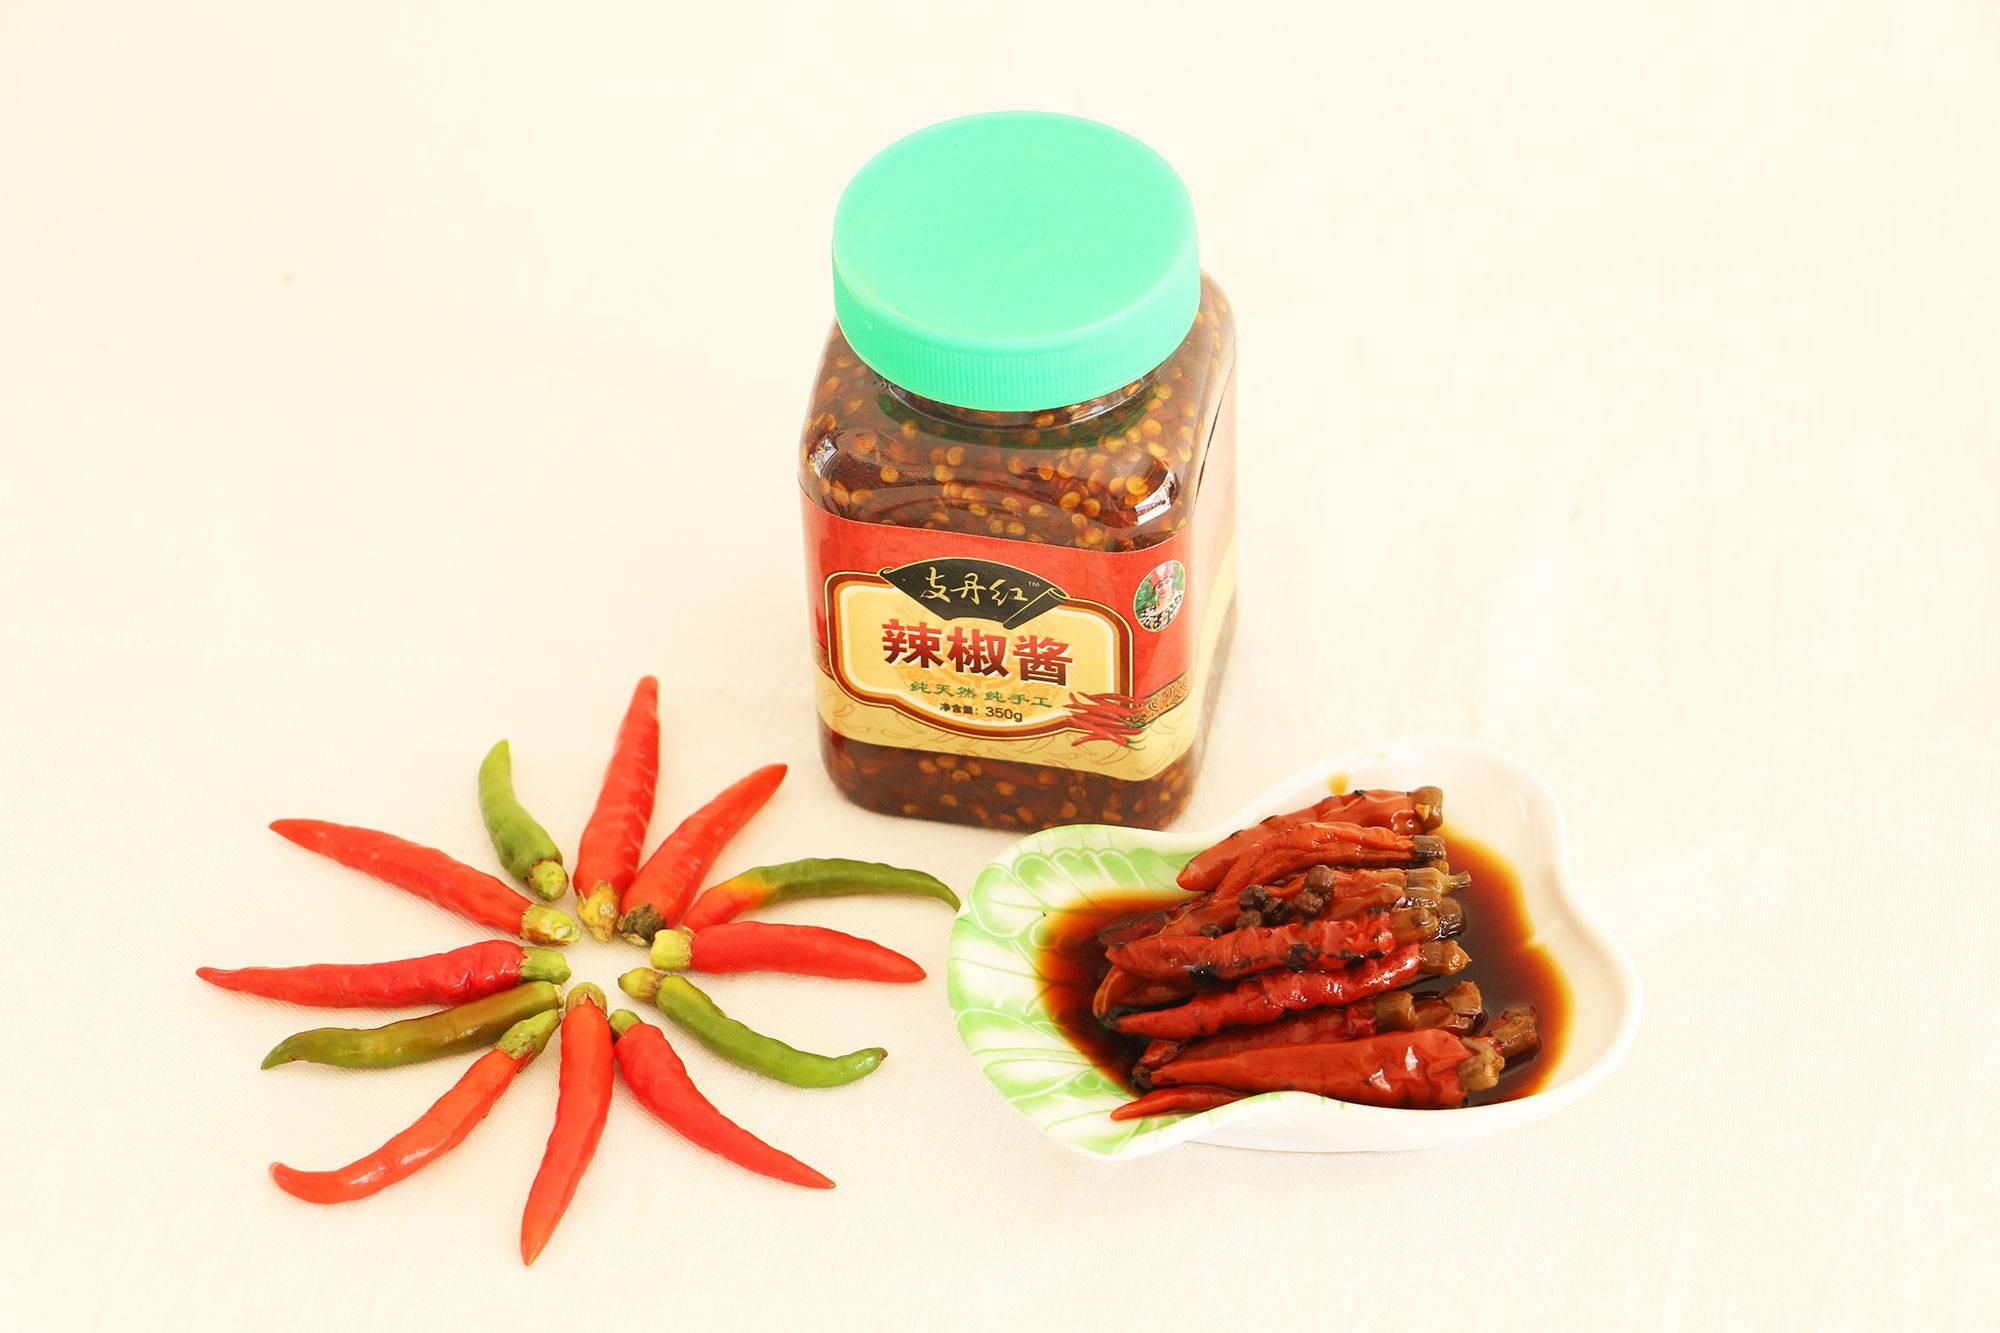 农家自产 德宏盈江卡场特产 支丹红辣椒酱 350g 包邮